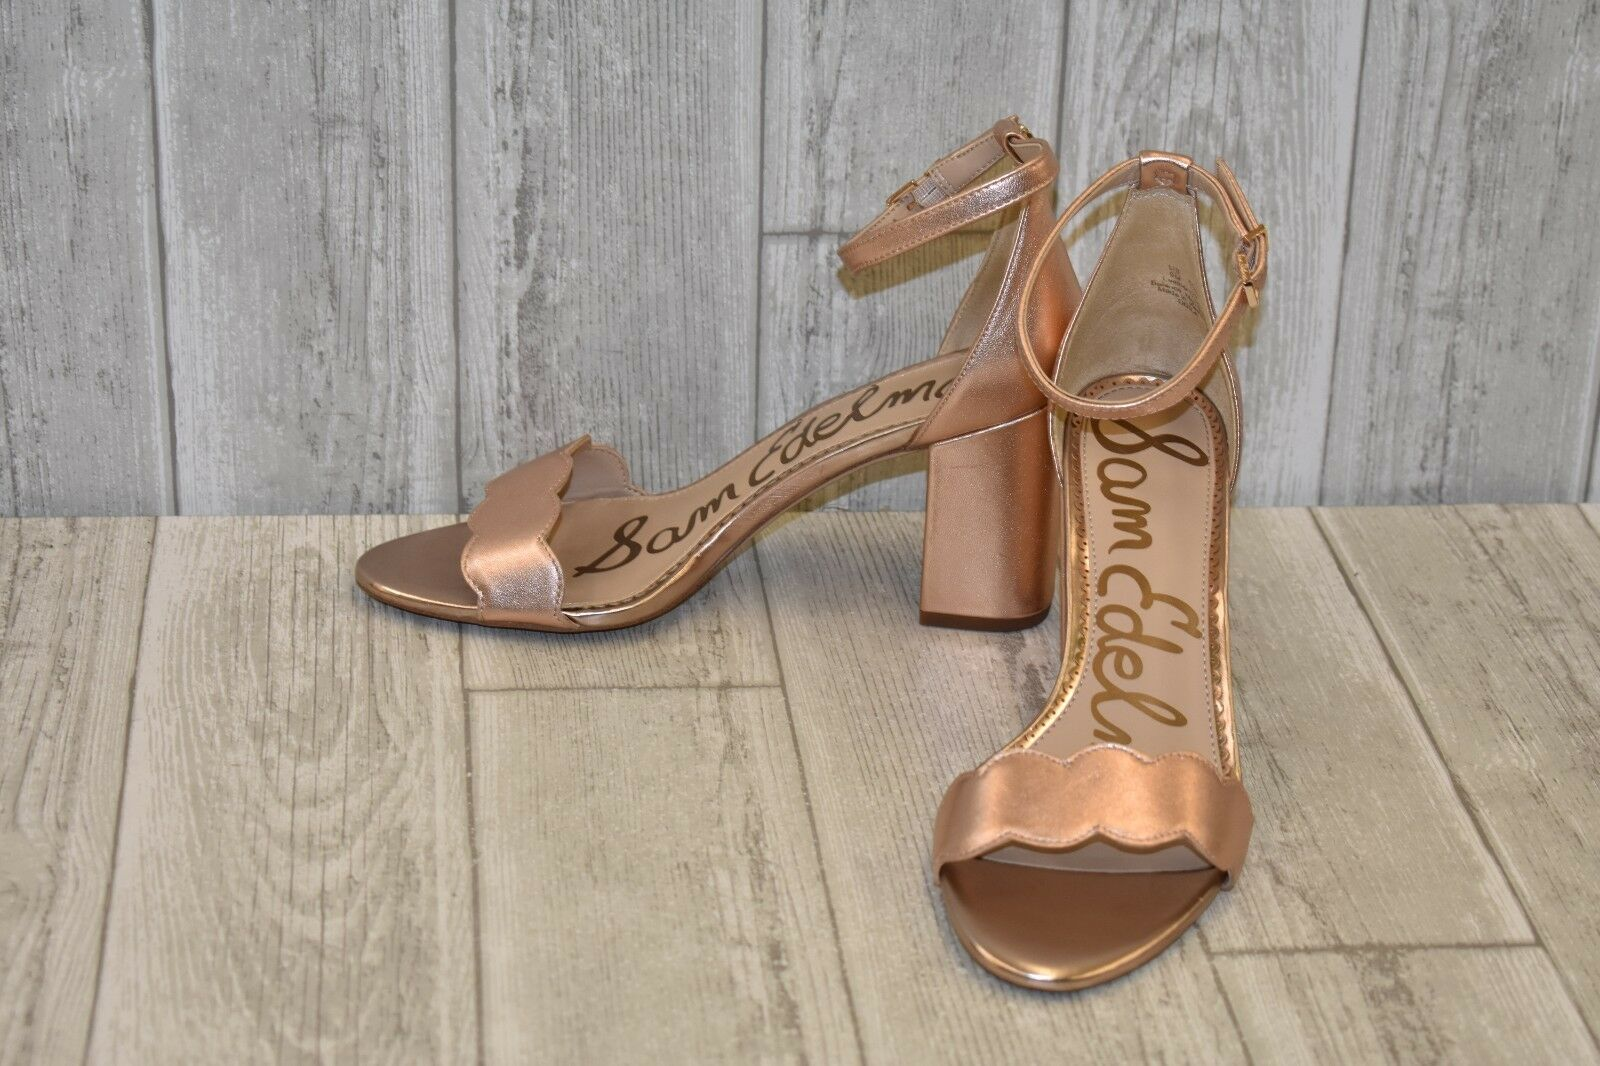 Sam Edelman Odila Ankle Blush Strap Heels Donna Size 9 M Metallic Blush Ankle e72b73